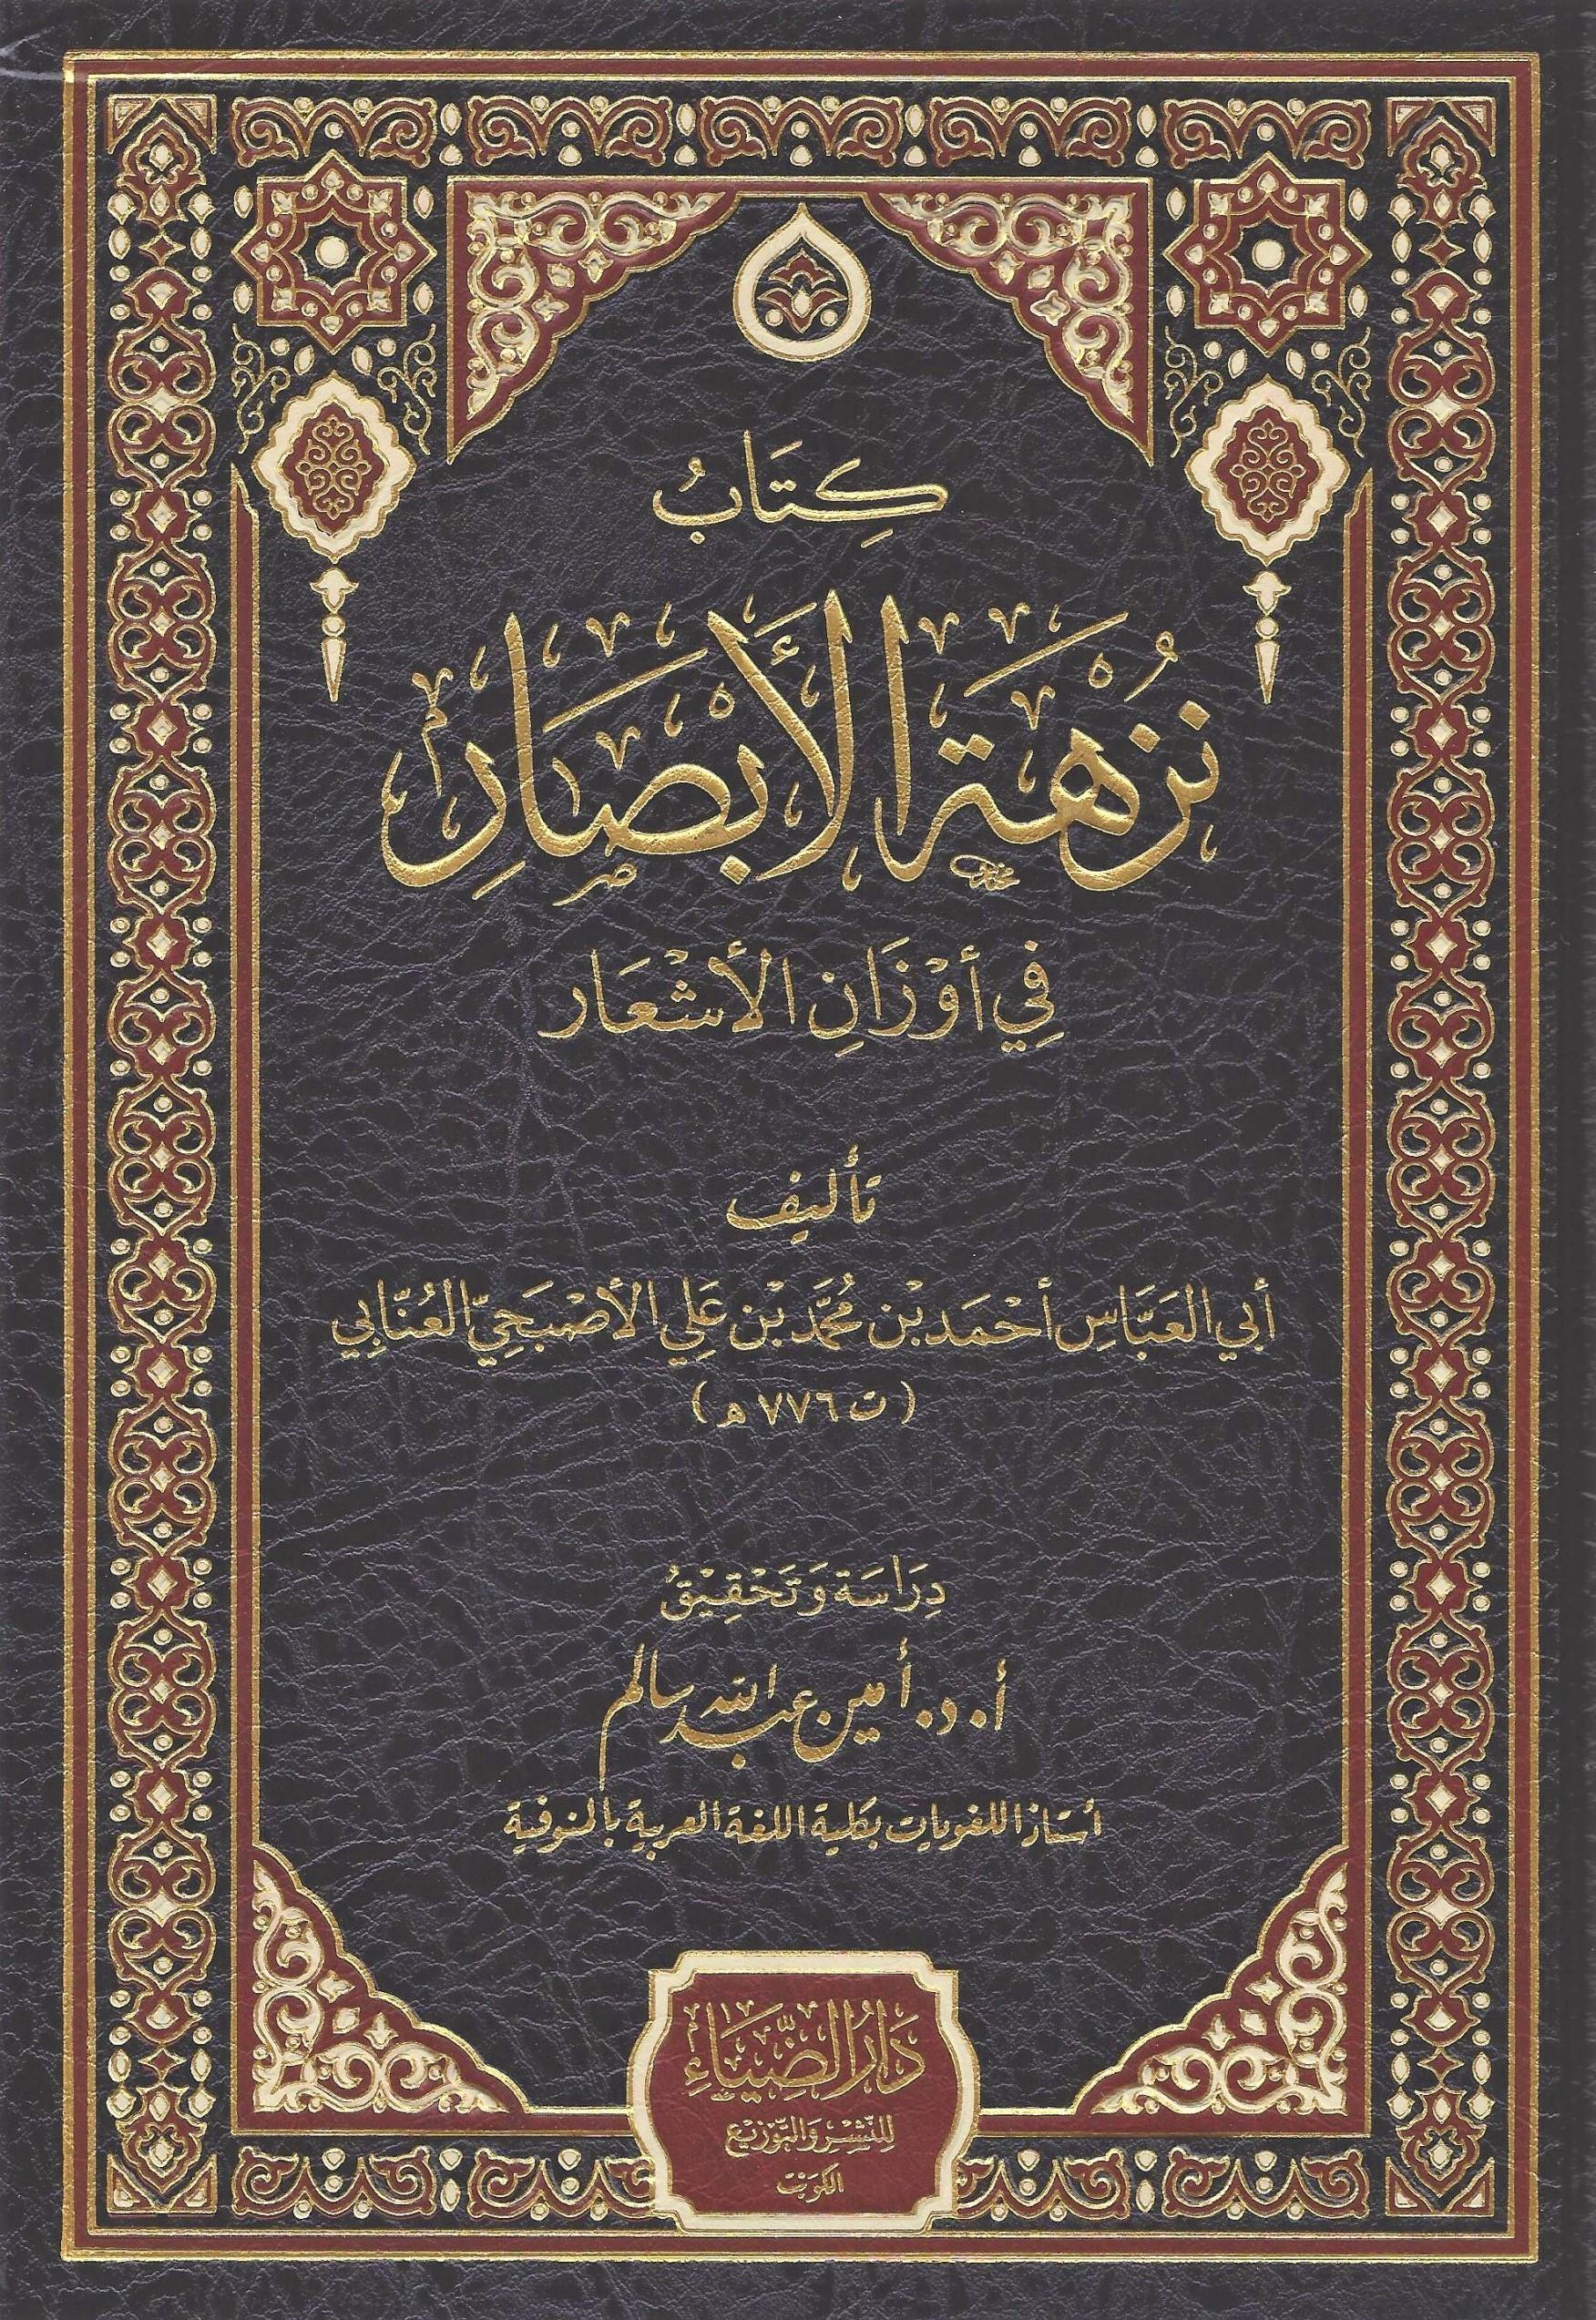 كتاب بغية المسترشدين